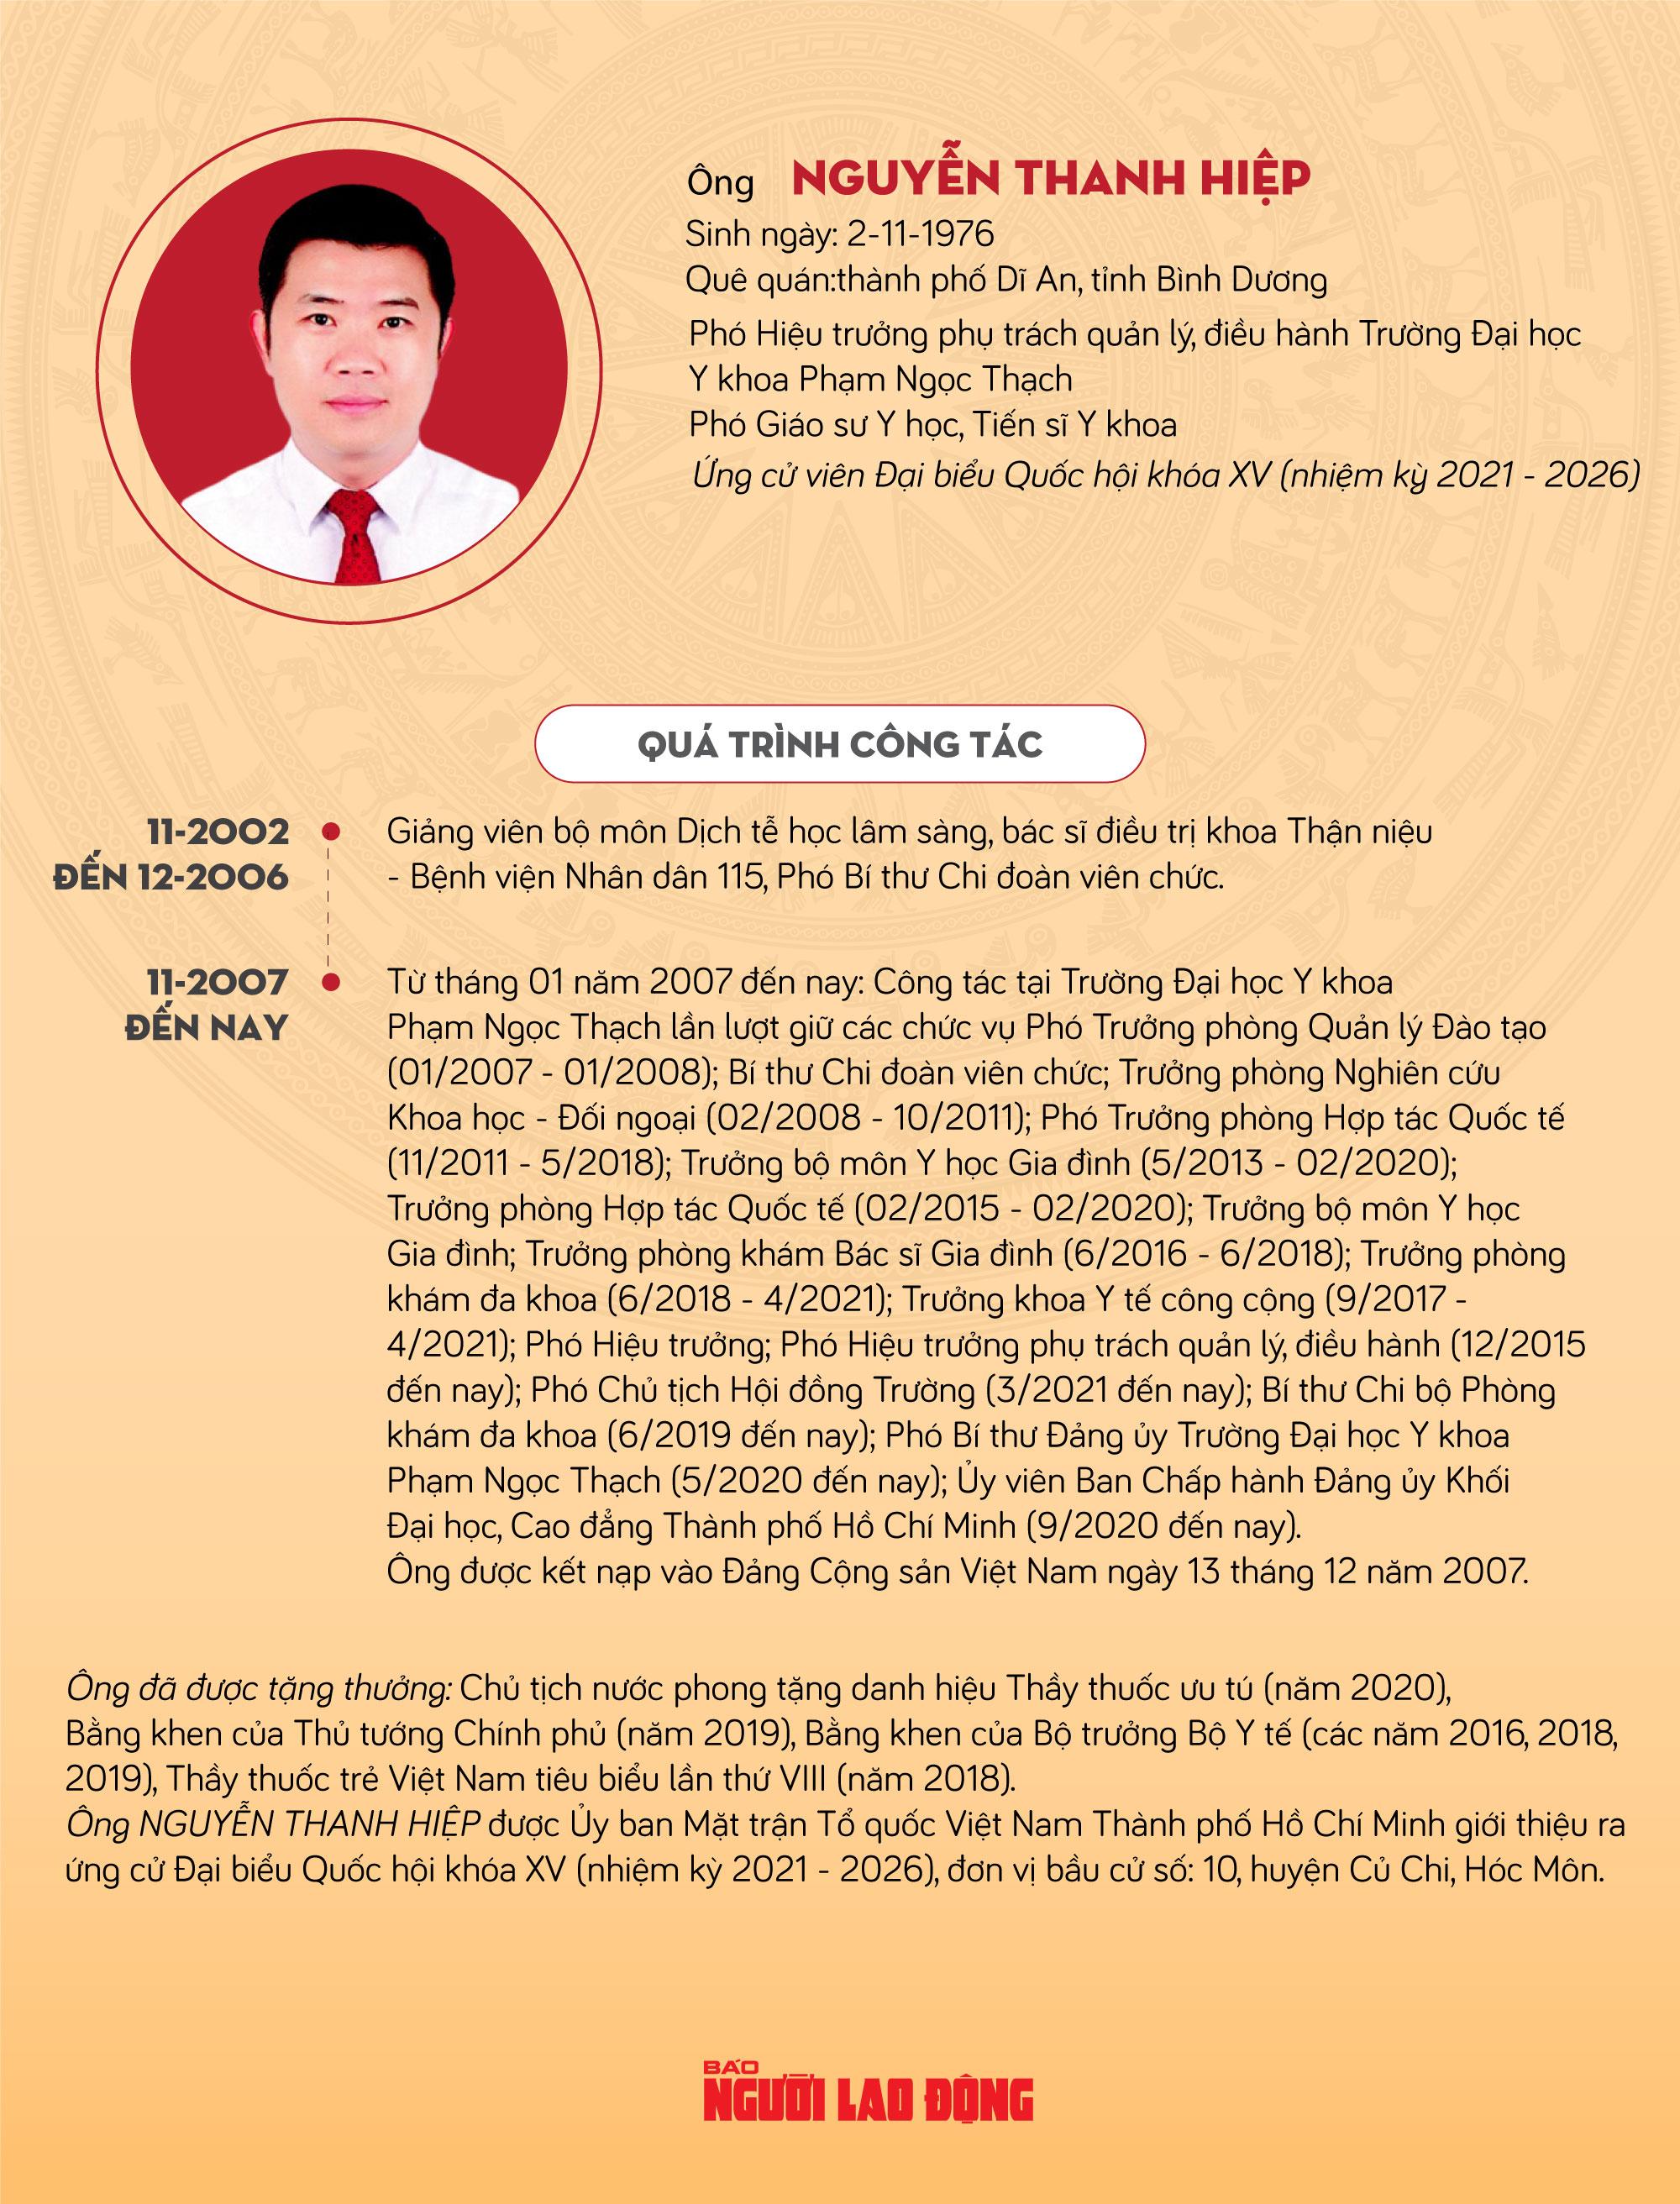 Ông Nguyễn Thanh Hiệp: Nỗ lực chăm sóc sức khỏe ngày càng cao của Nhân dân - Ảnh 1.